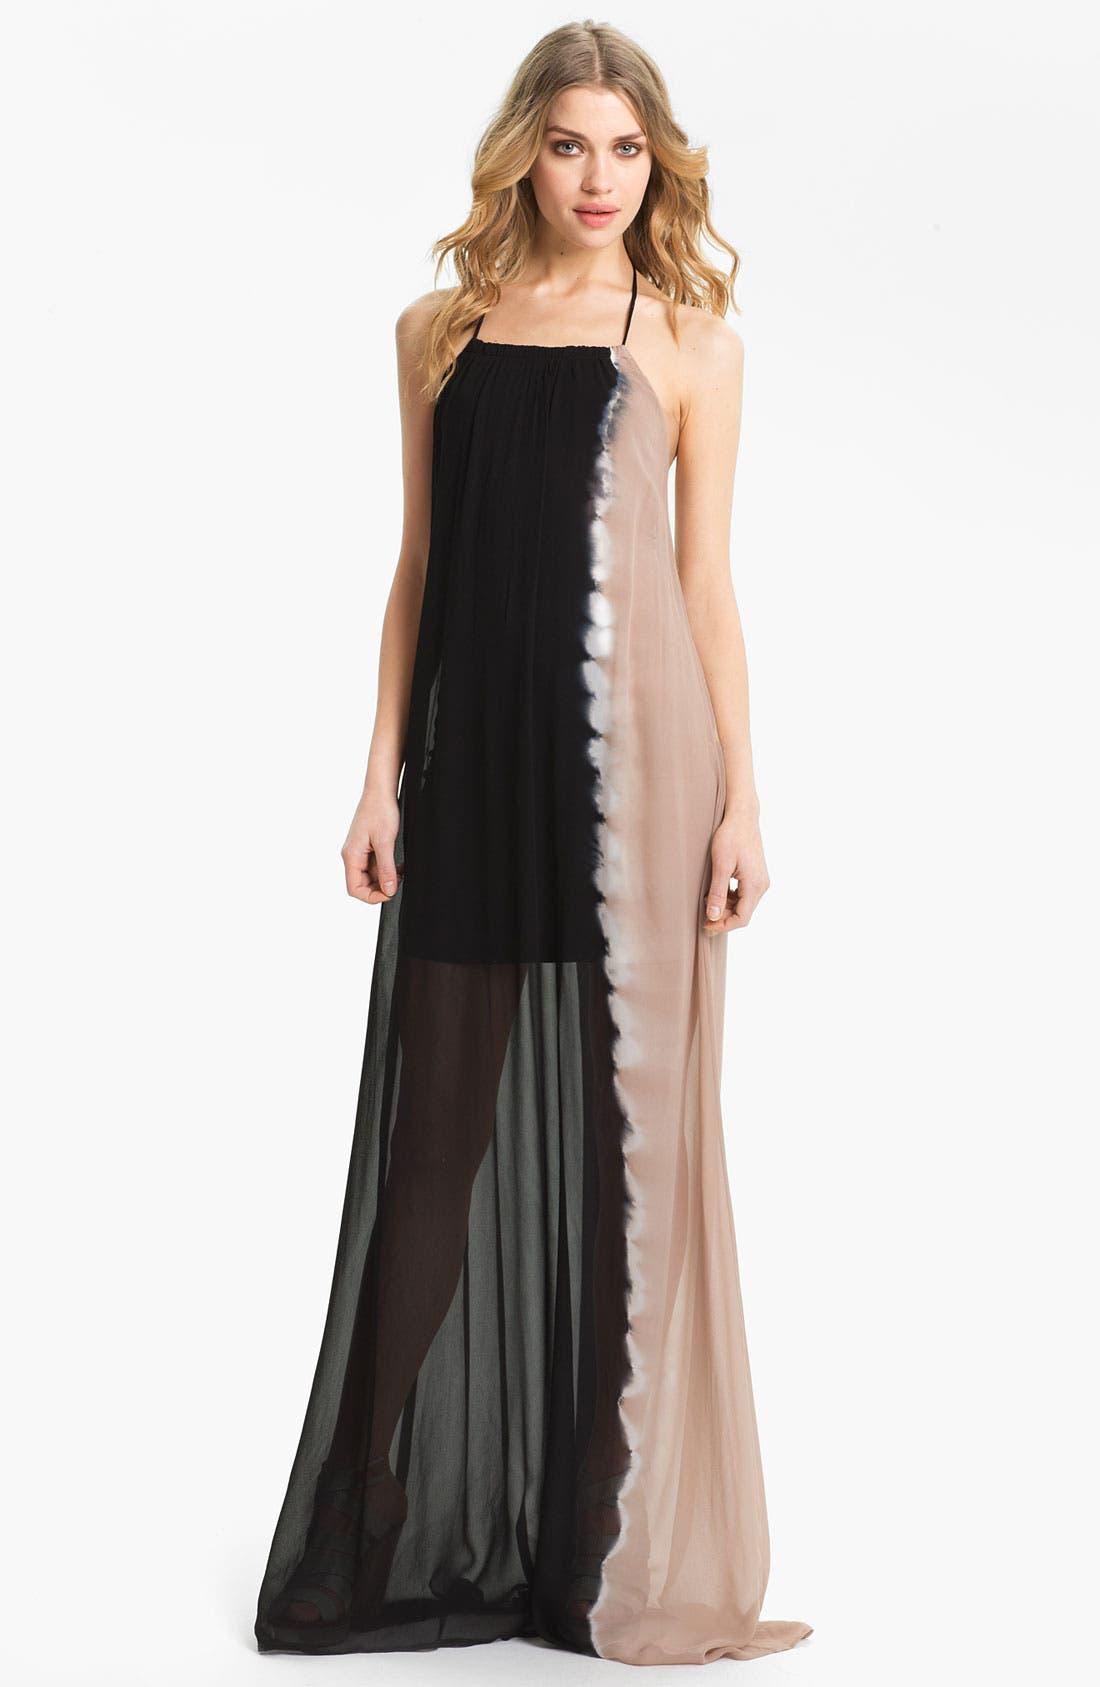 Main Image - Young, Fabulous & Broke 'Gila' Chiffon Maxi Dress